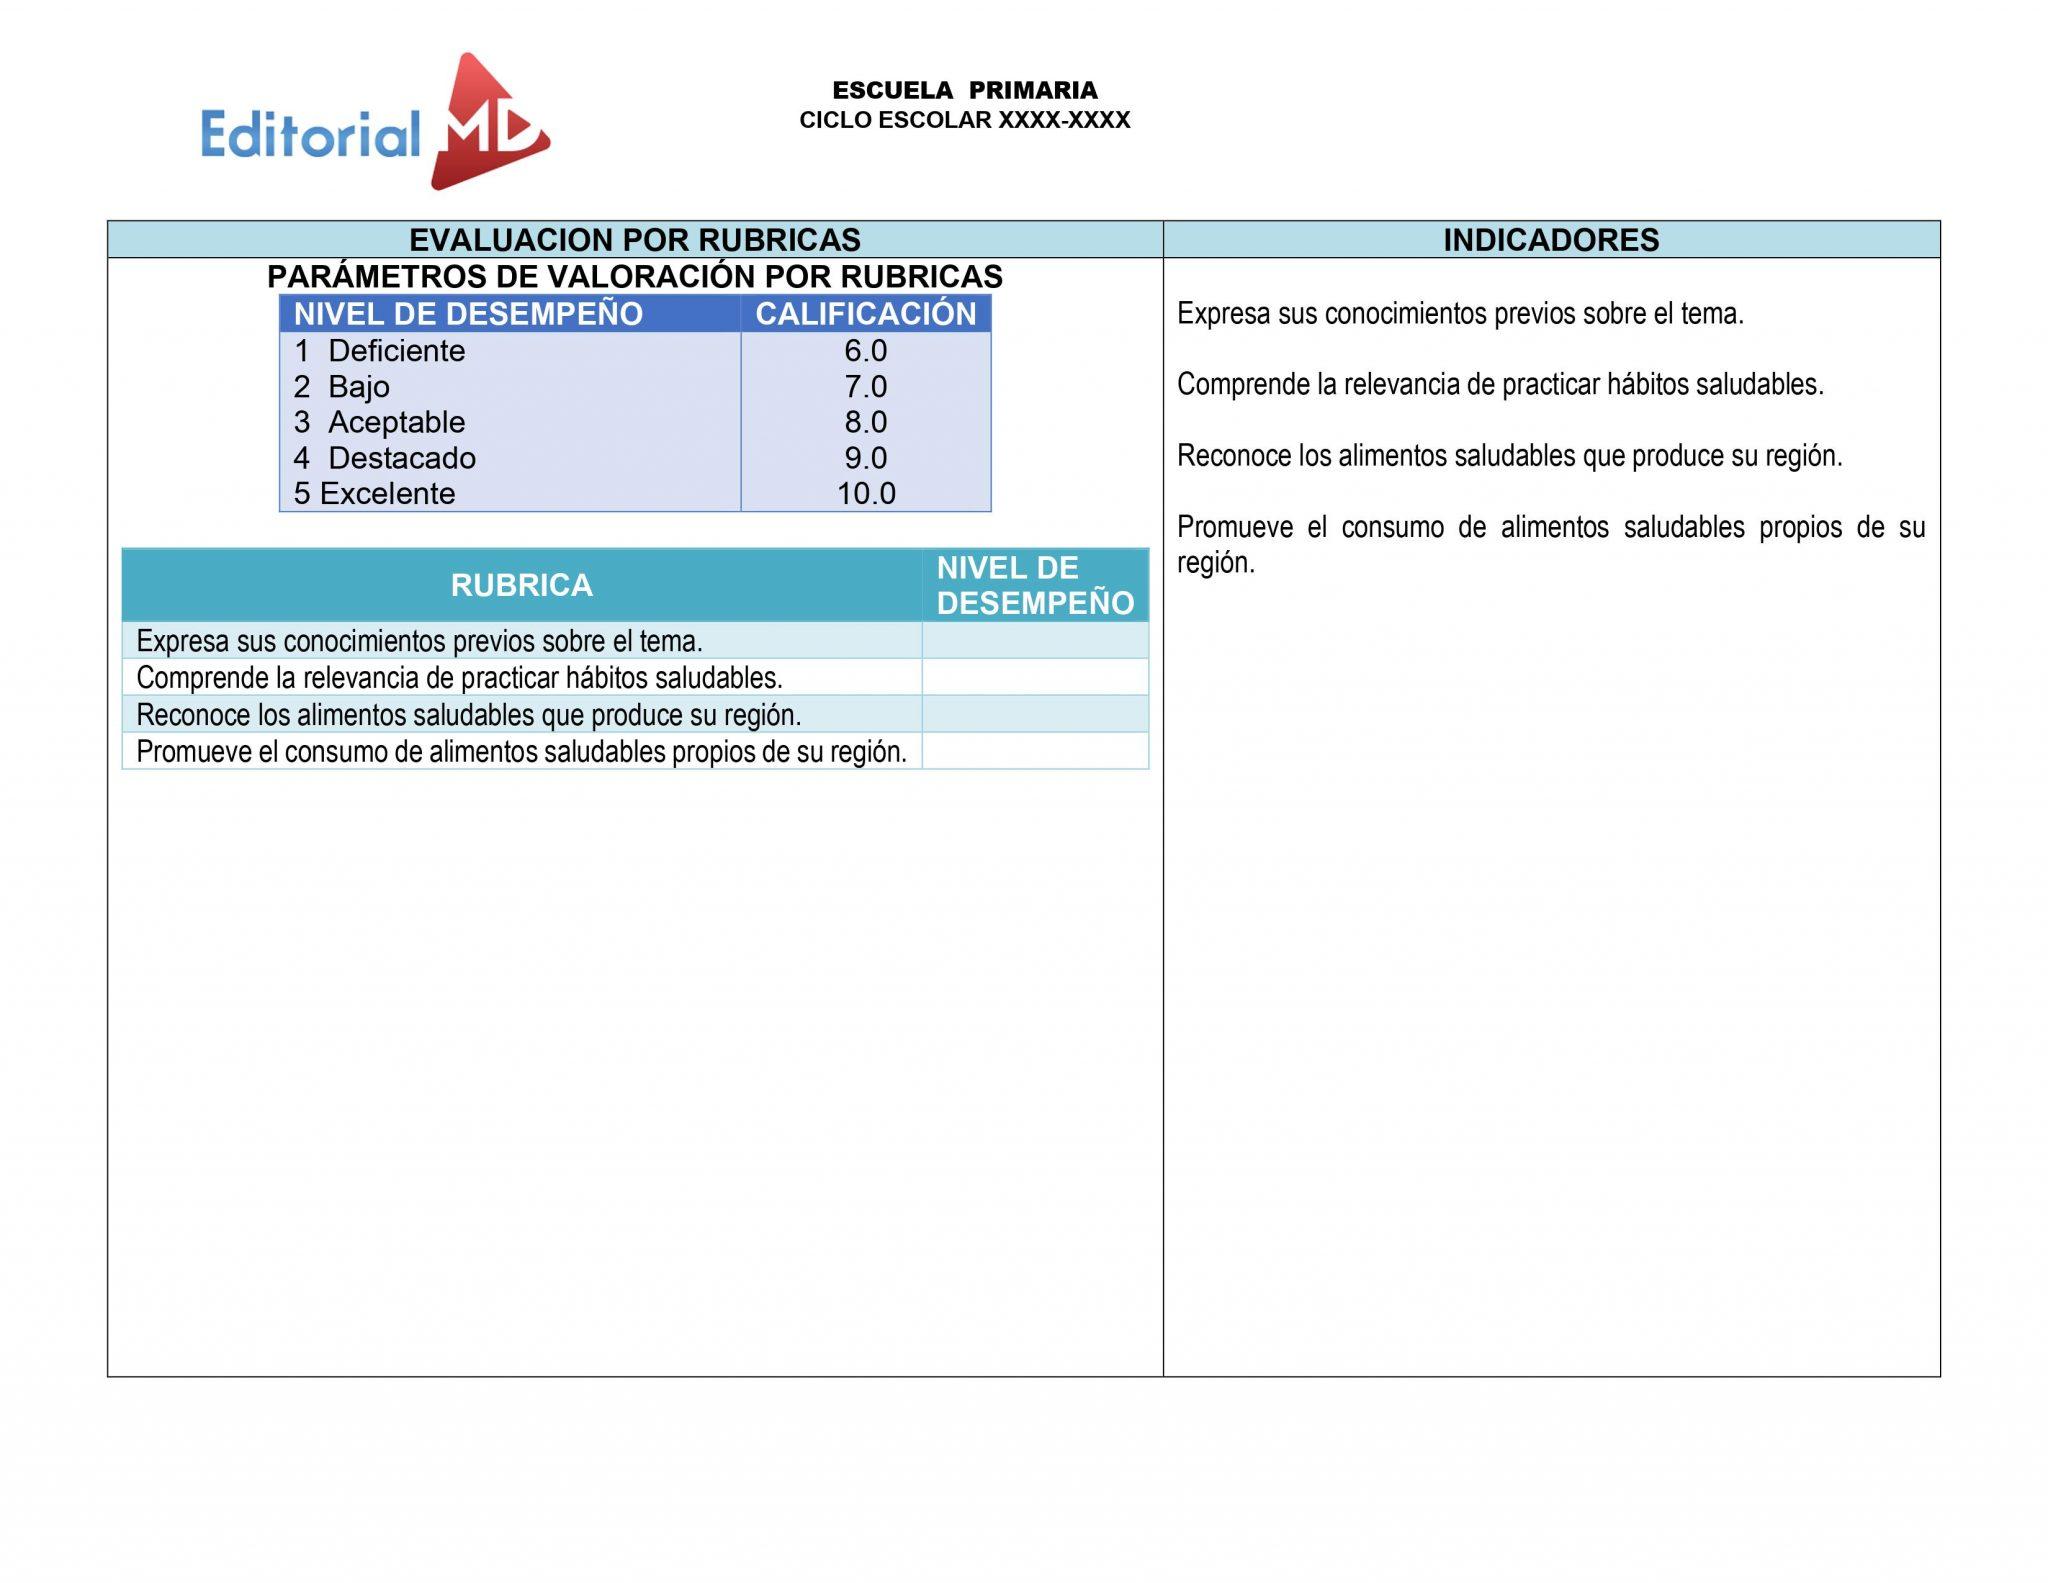 evaluacion por rubricas plan de trabajo semana 35 del 24 al 28 de Mayo